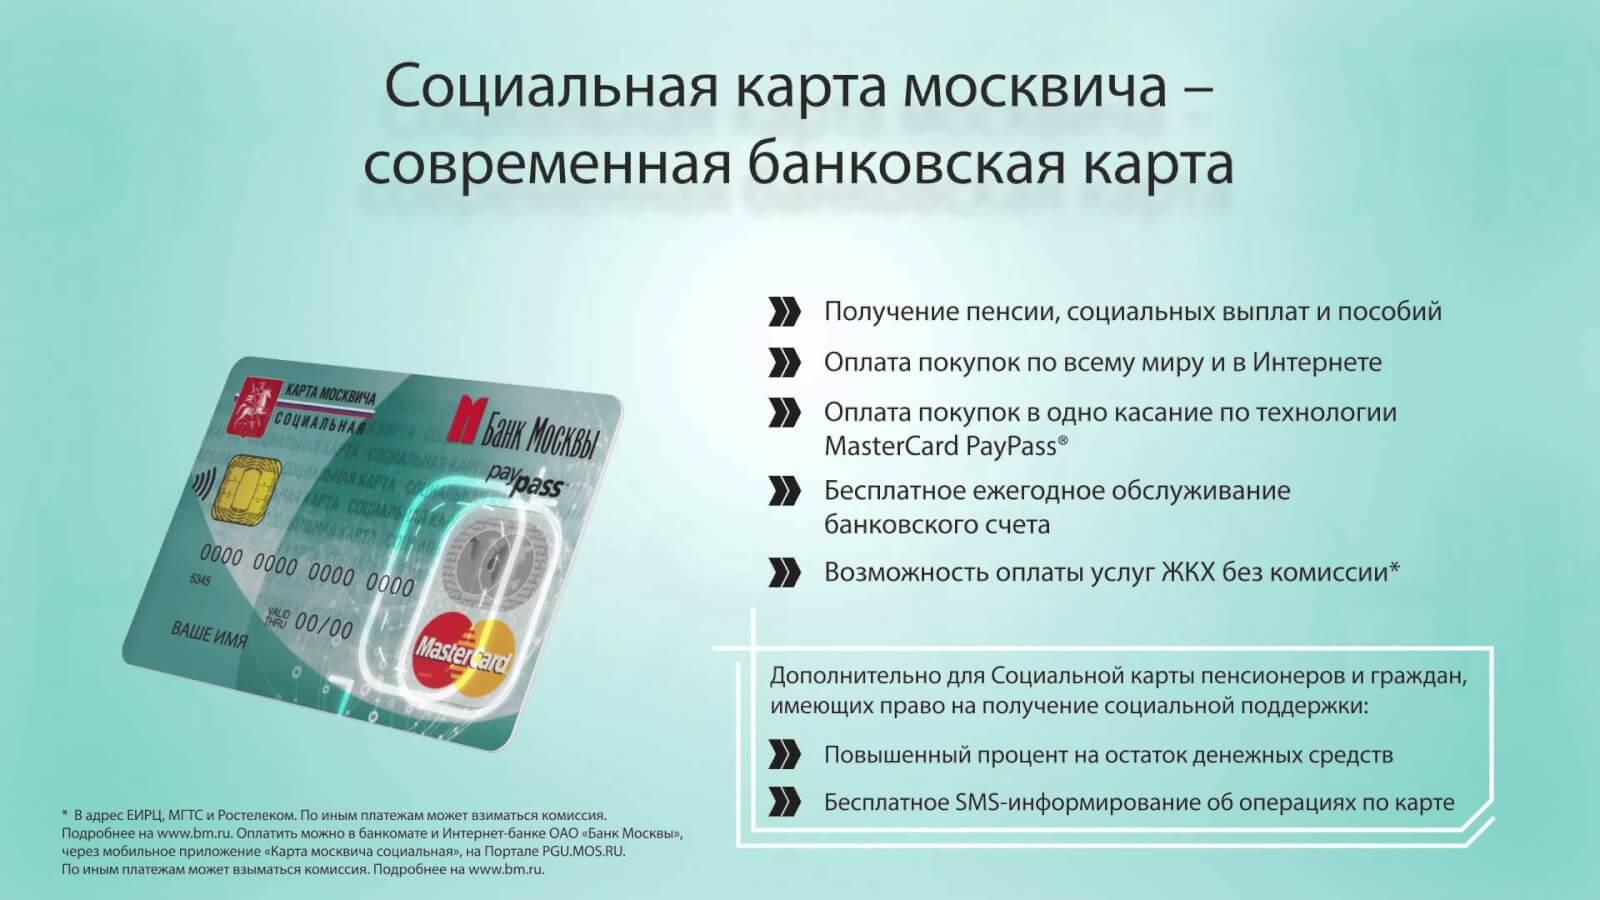 Калькуляция киевской котлеты на ехсел